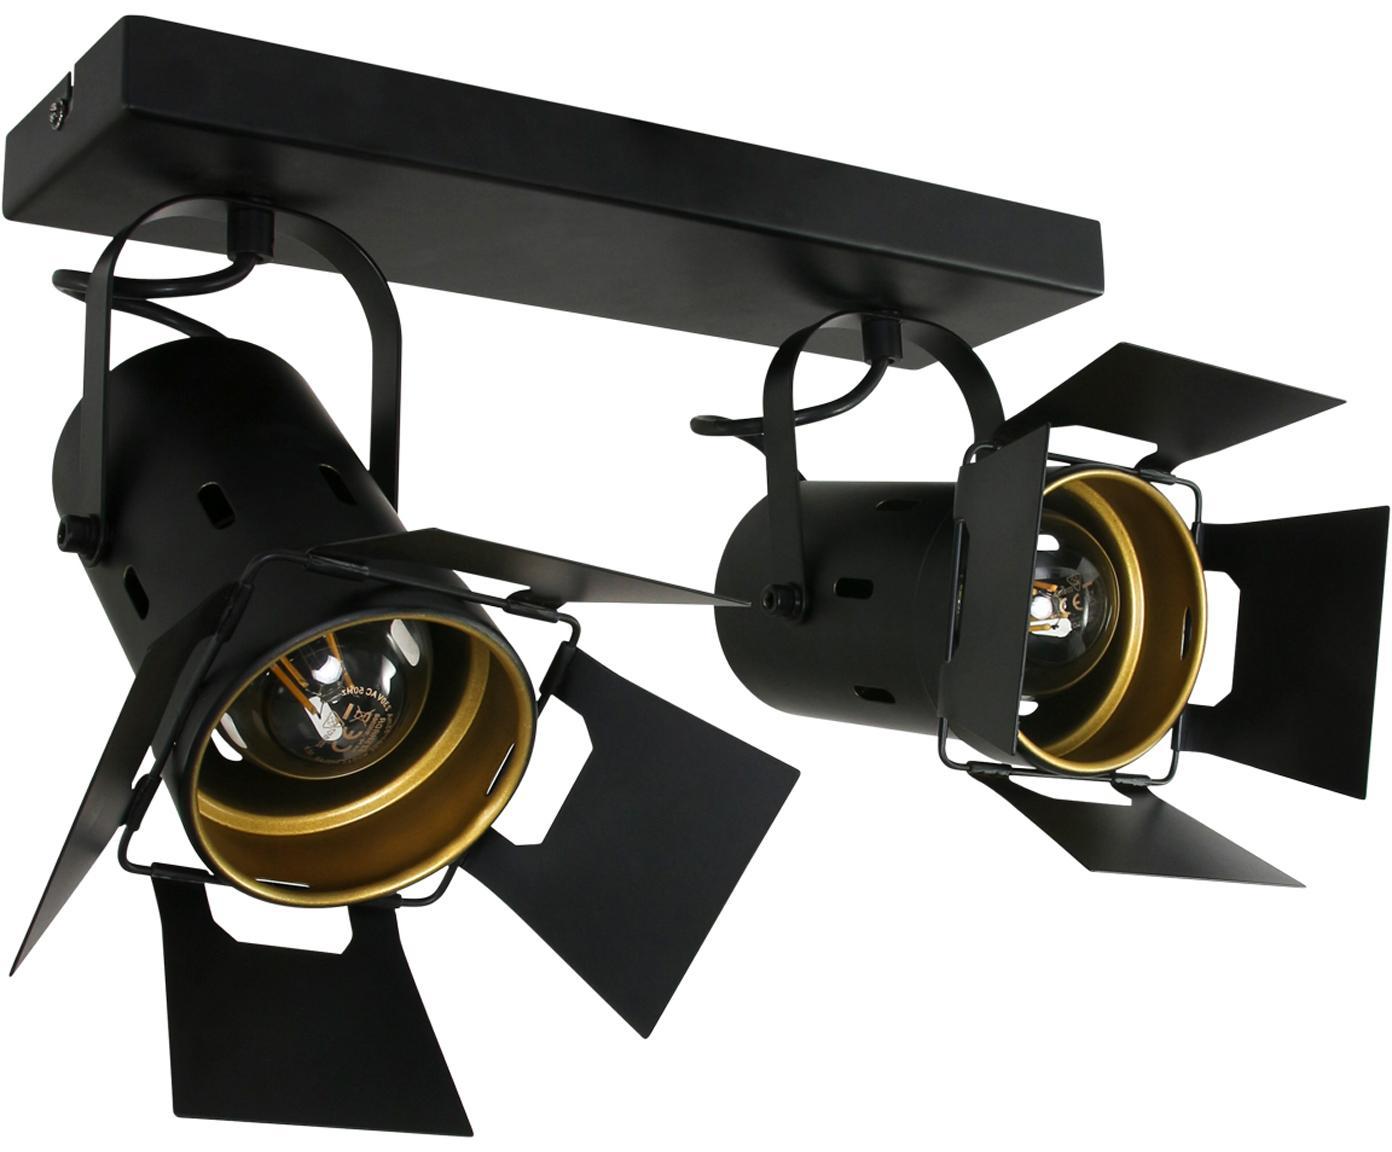 Plafondspot Carre, Gelakt metaal, Zwart, 58 x 37 cm